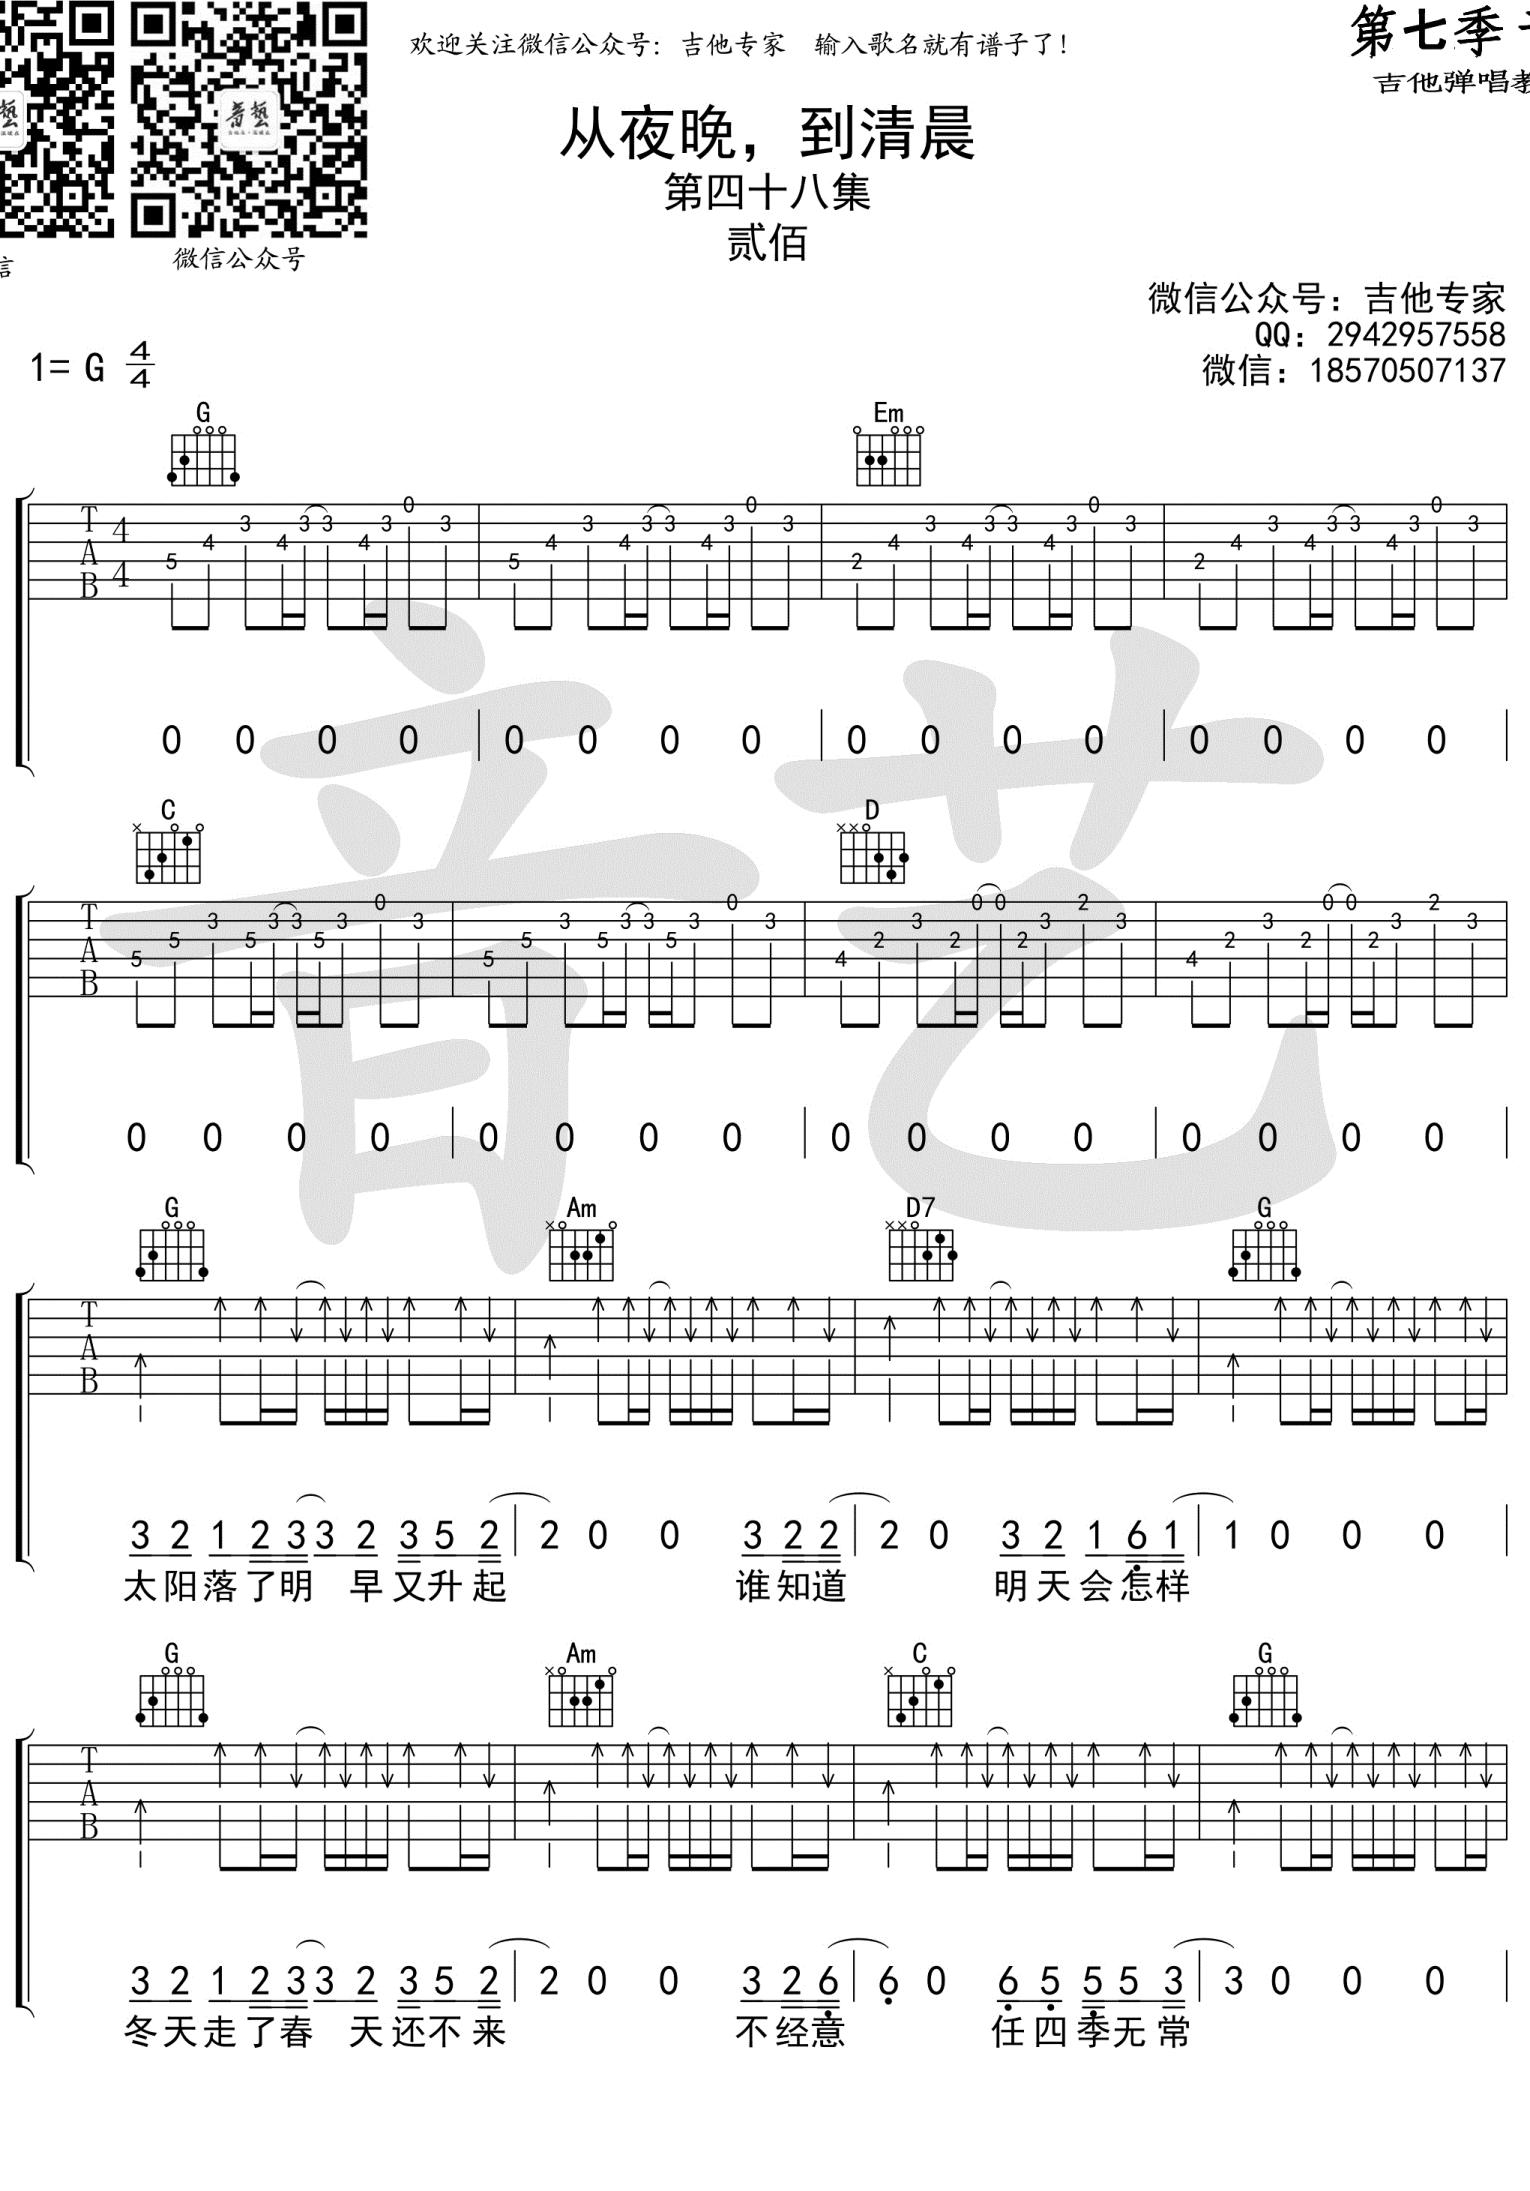 從夜晚到清晨-貳佰-图片吉他谱-1